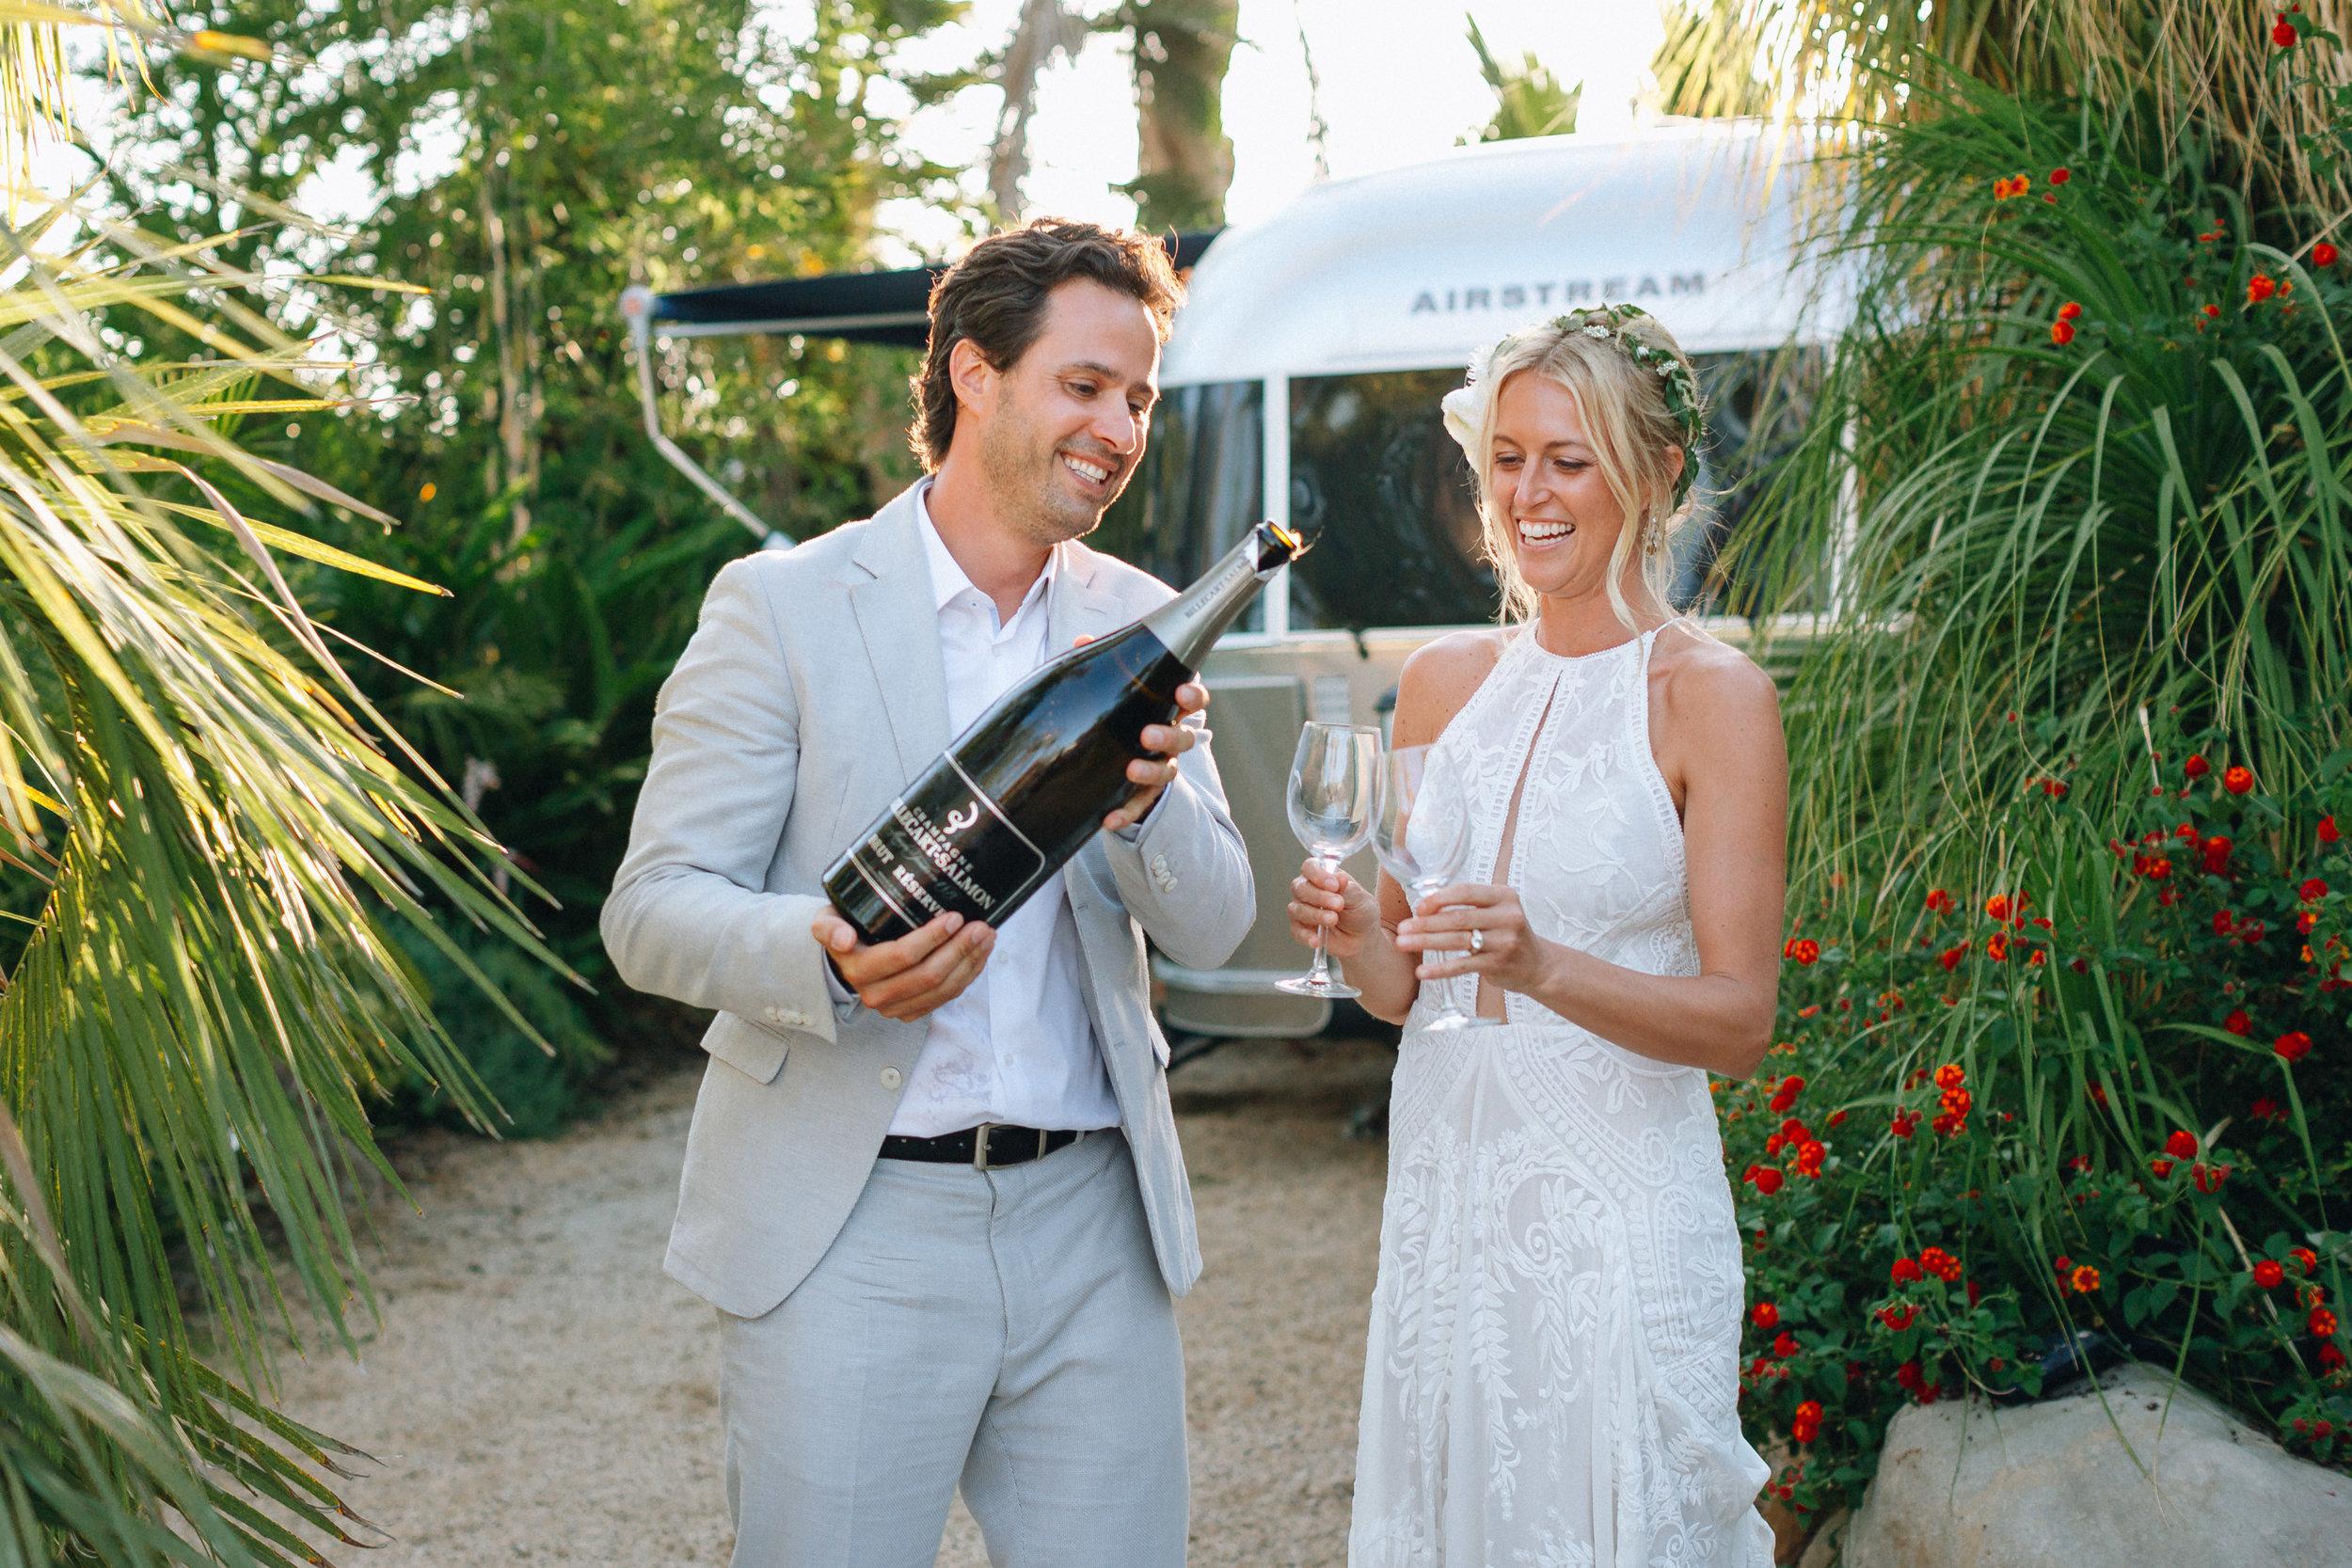 Whitney-Matt-wedding-Two Penguin Photography - Forage Ojai-JBO_4660.jpg